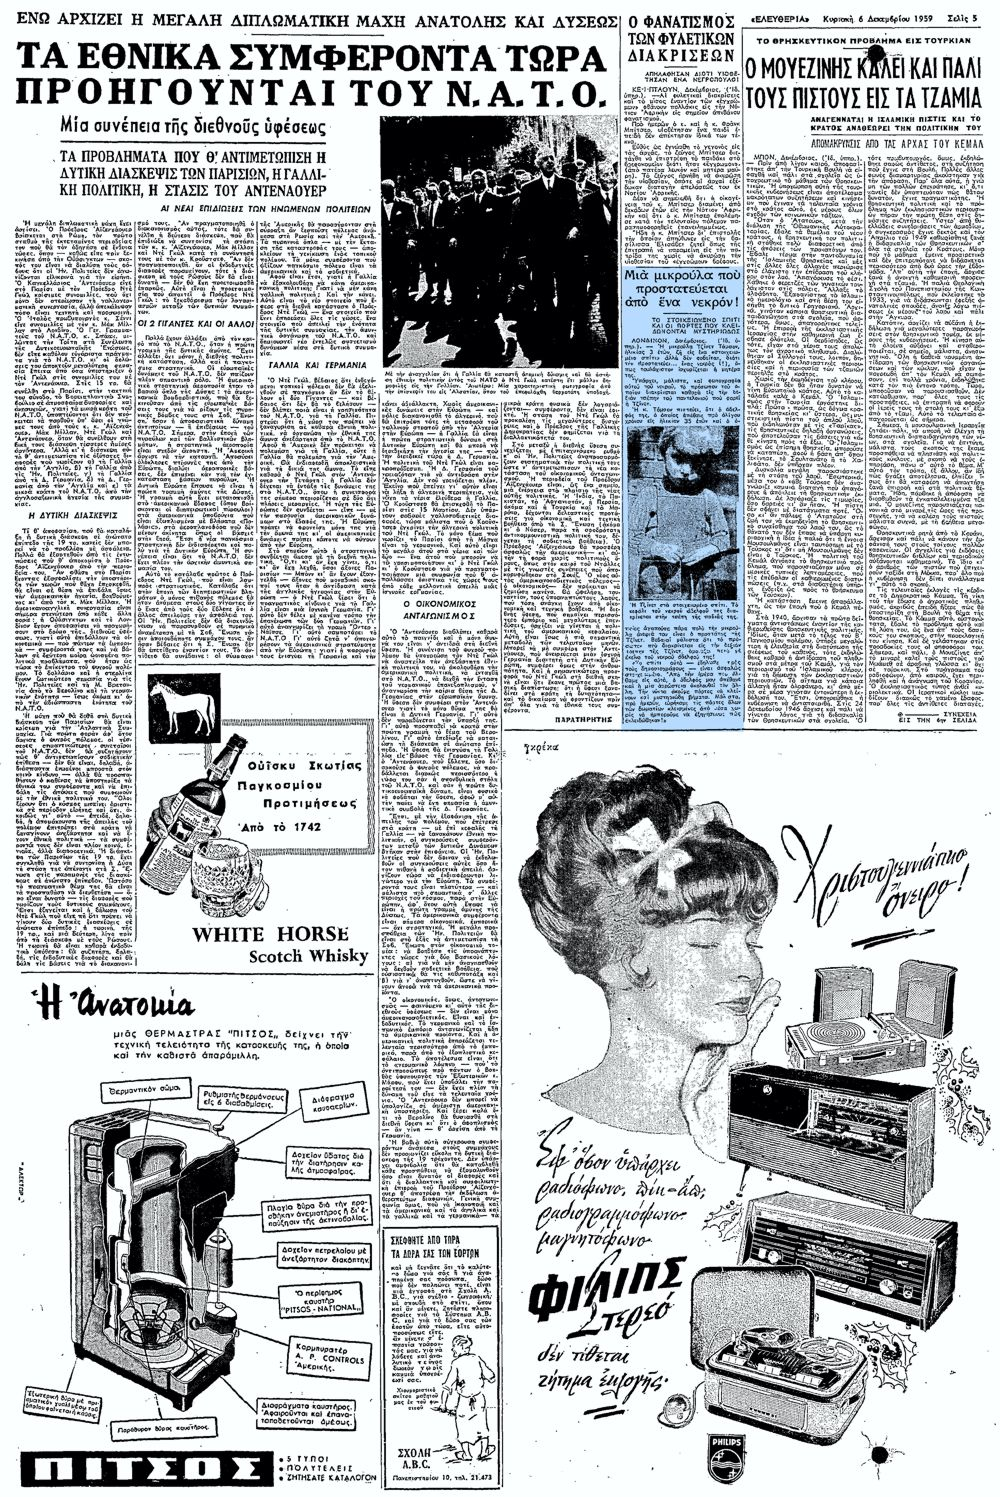 """Το άρθρο, όπως δημοσιεύθηκε στην εφημερίδα """"ΕΛΕΥΘΕΡΙΑ"""", στις 06/12/1959"""